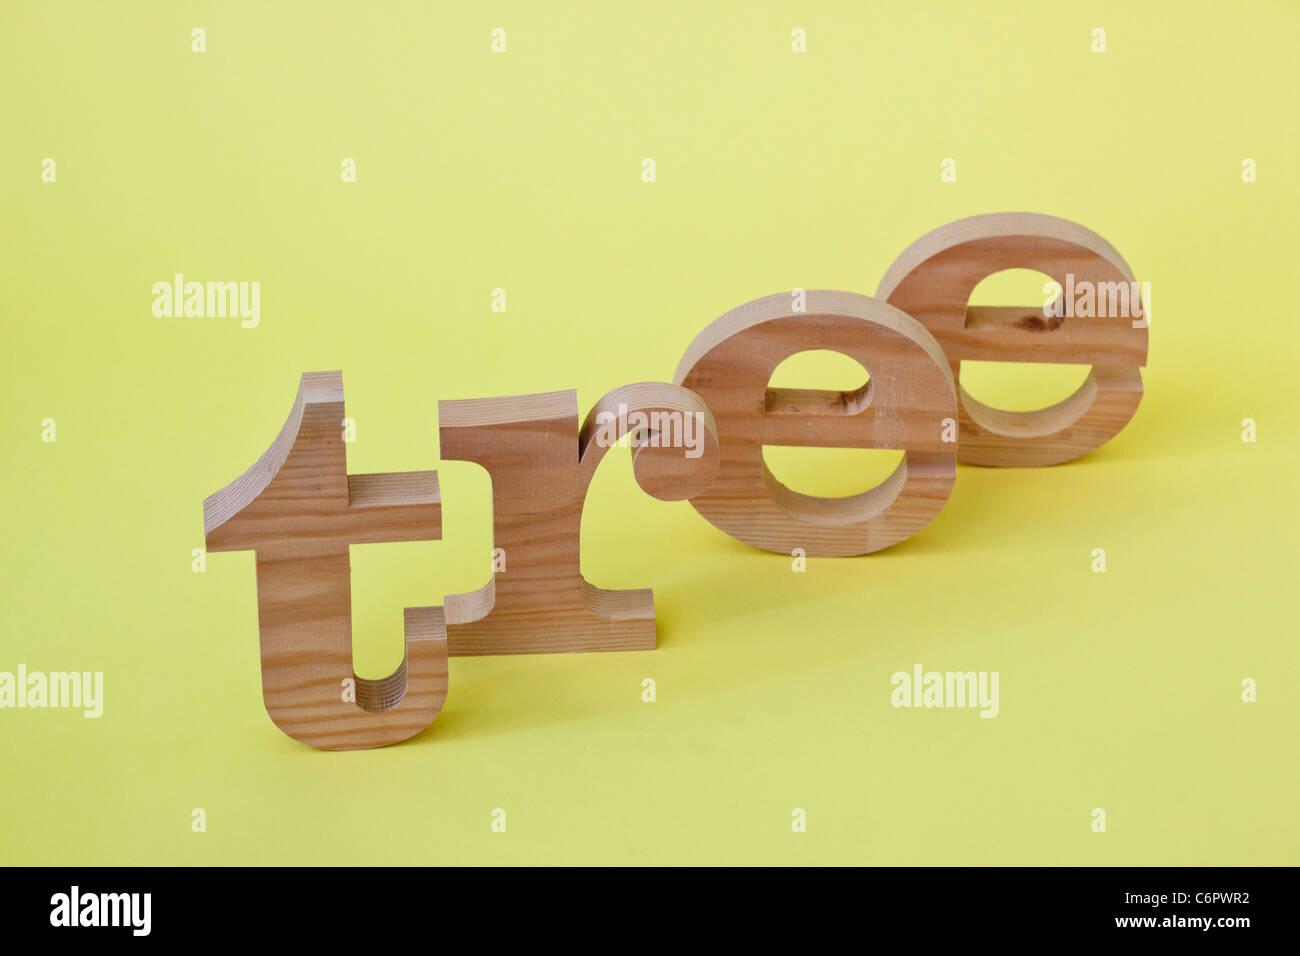 """La palabra """"árbol"""" escrito en letras de madera Imagen De Stock"""